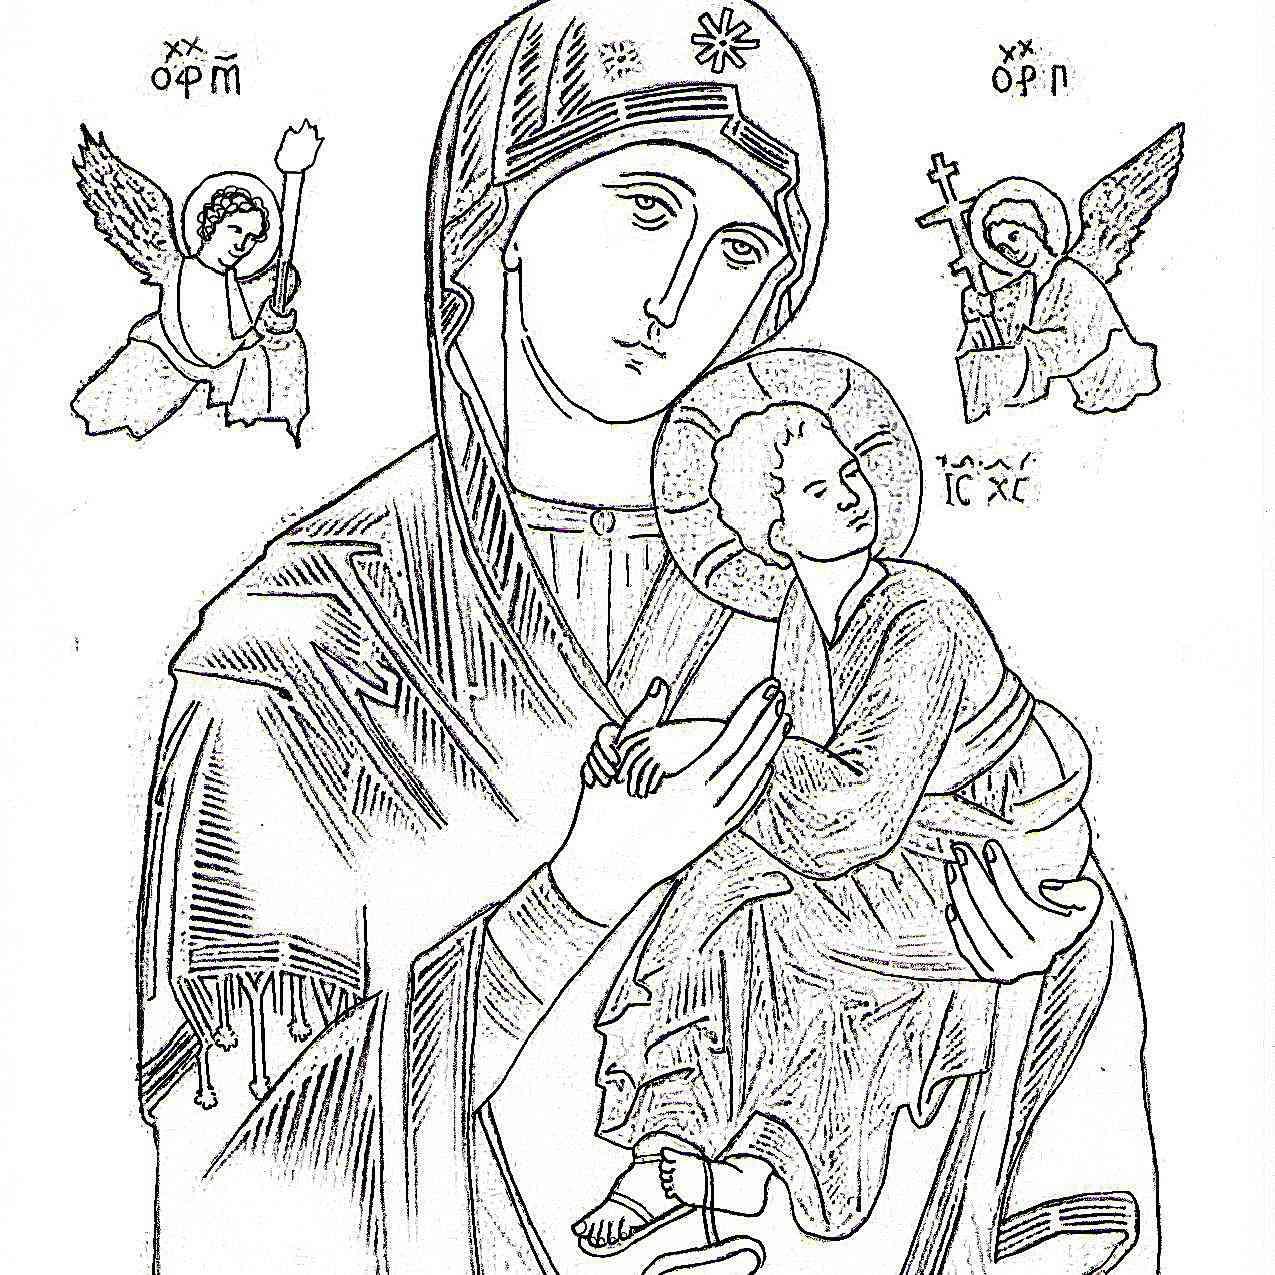 Dibujo de la Virgen del Perpetuo Socorro